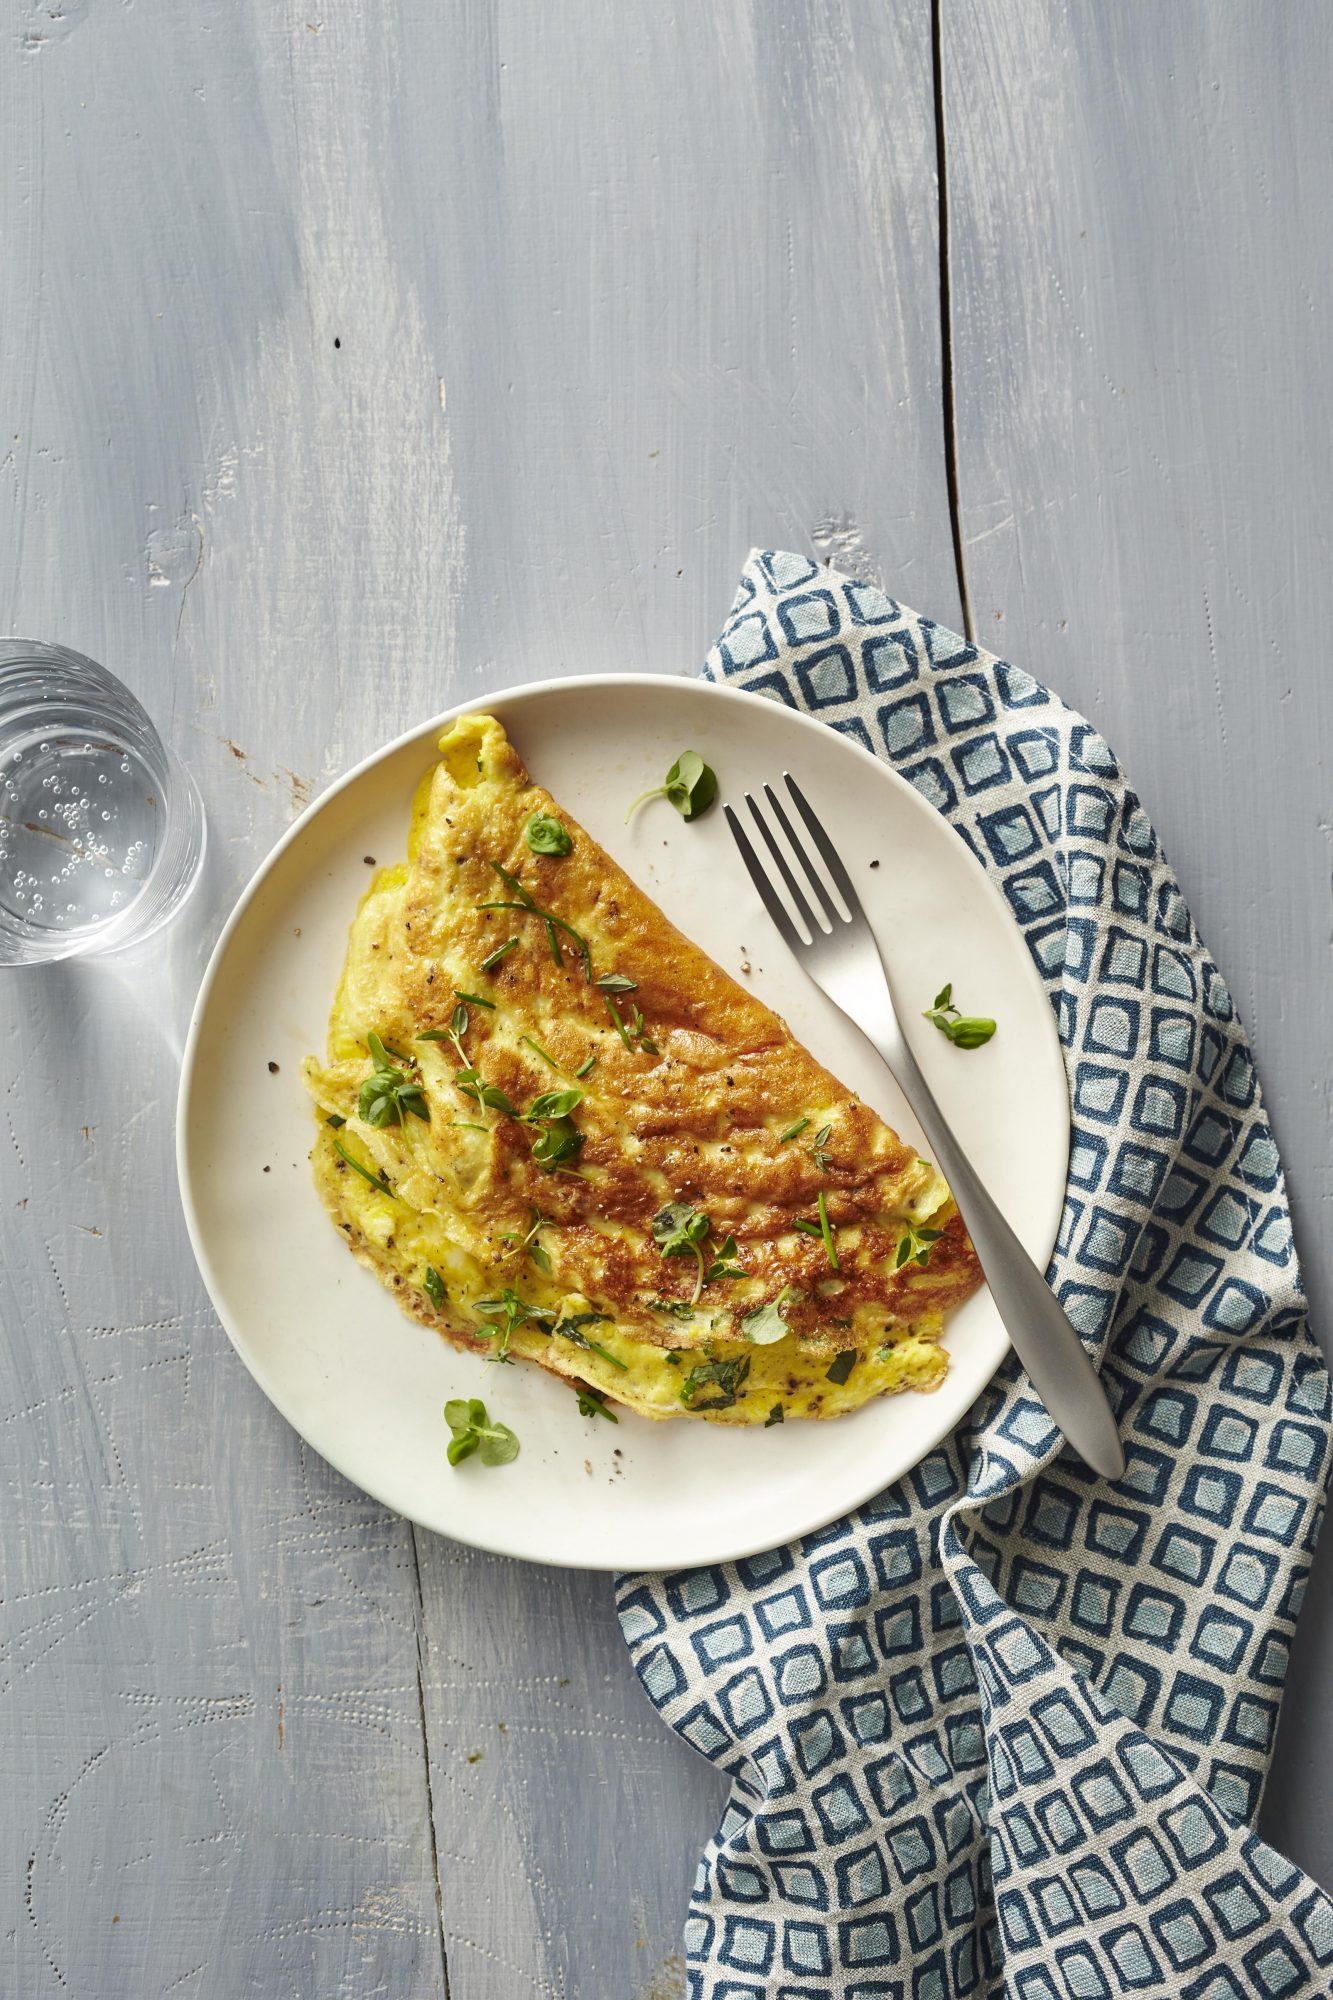 Fresh Herb Omelet